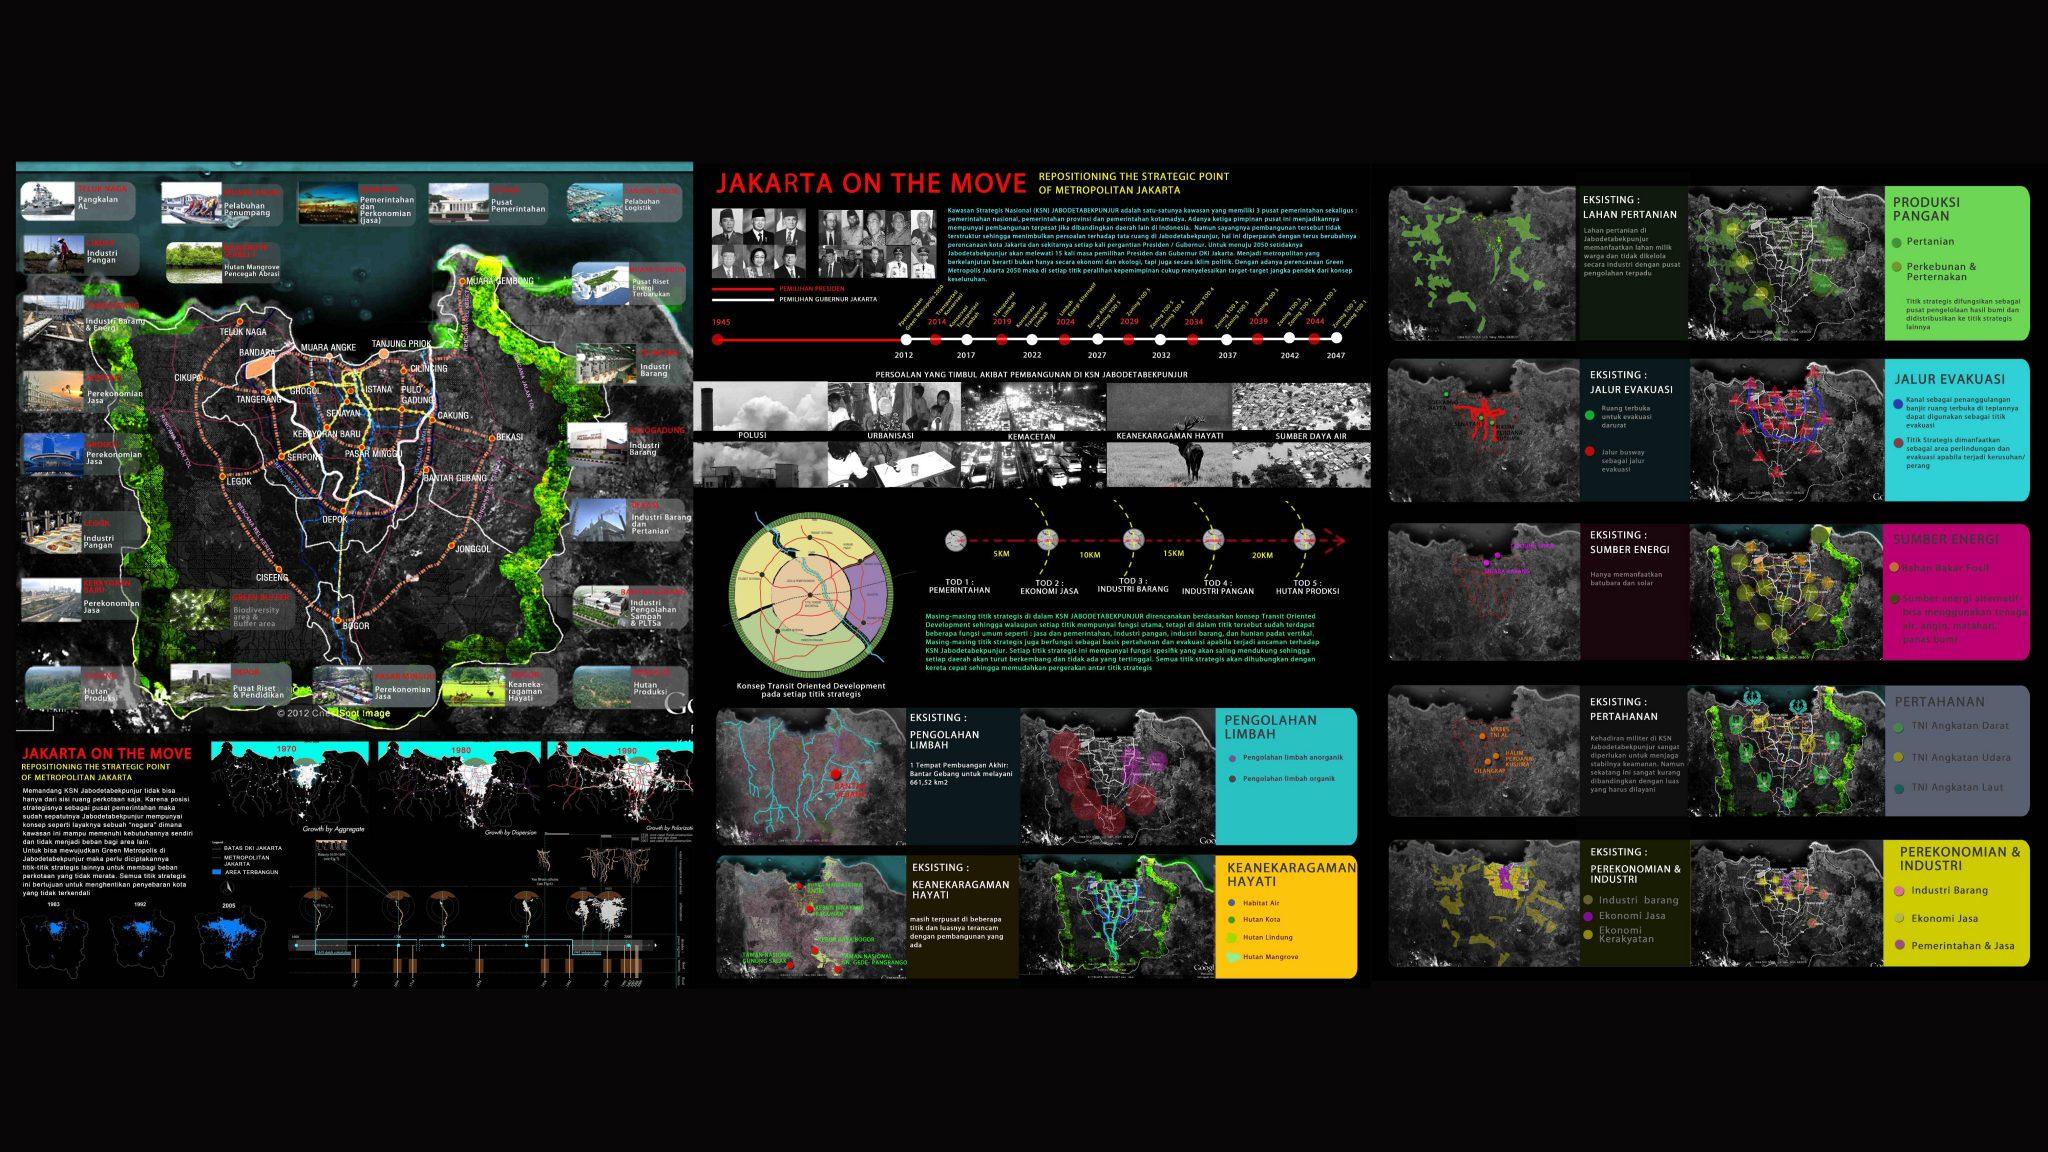 Visioning Jakarta 2050